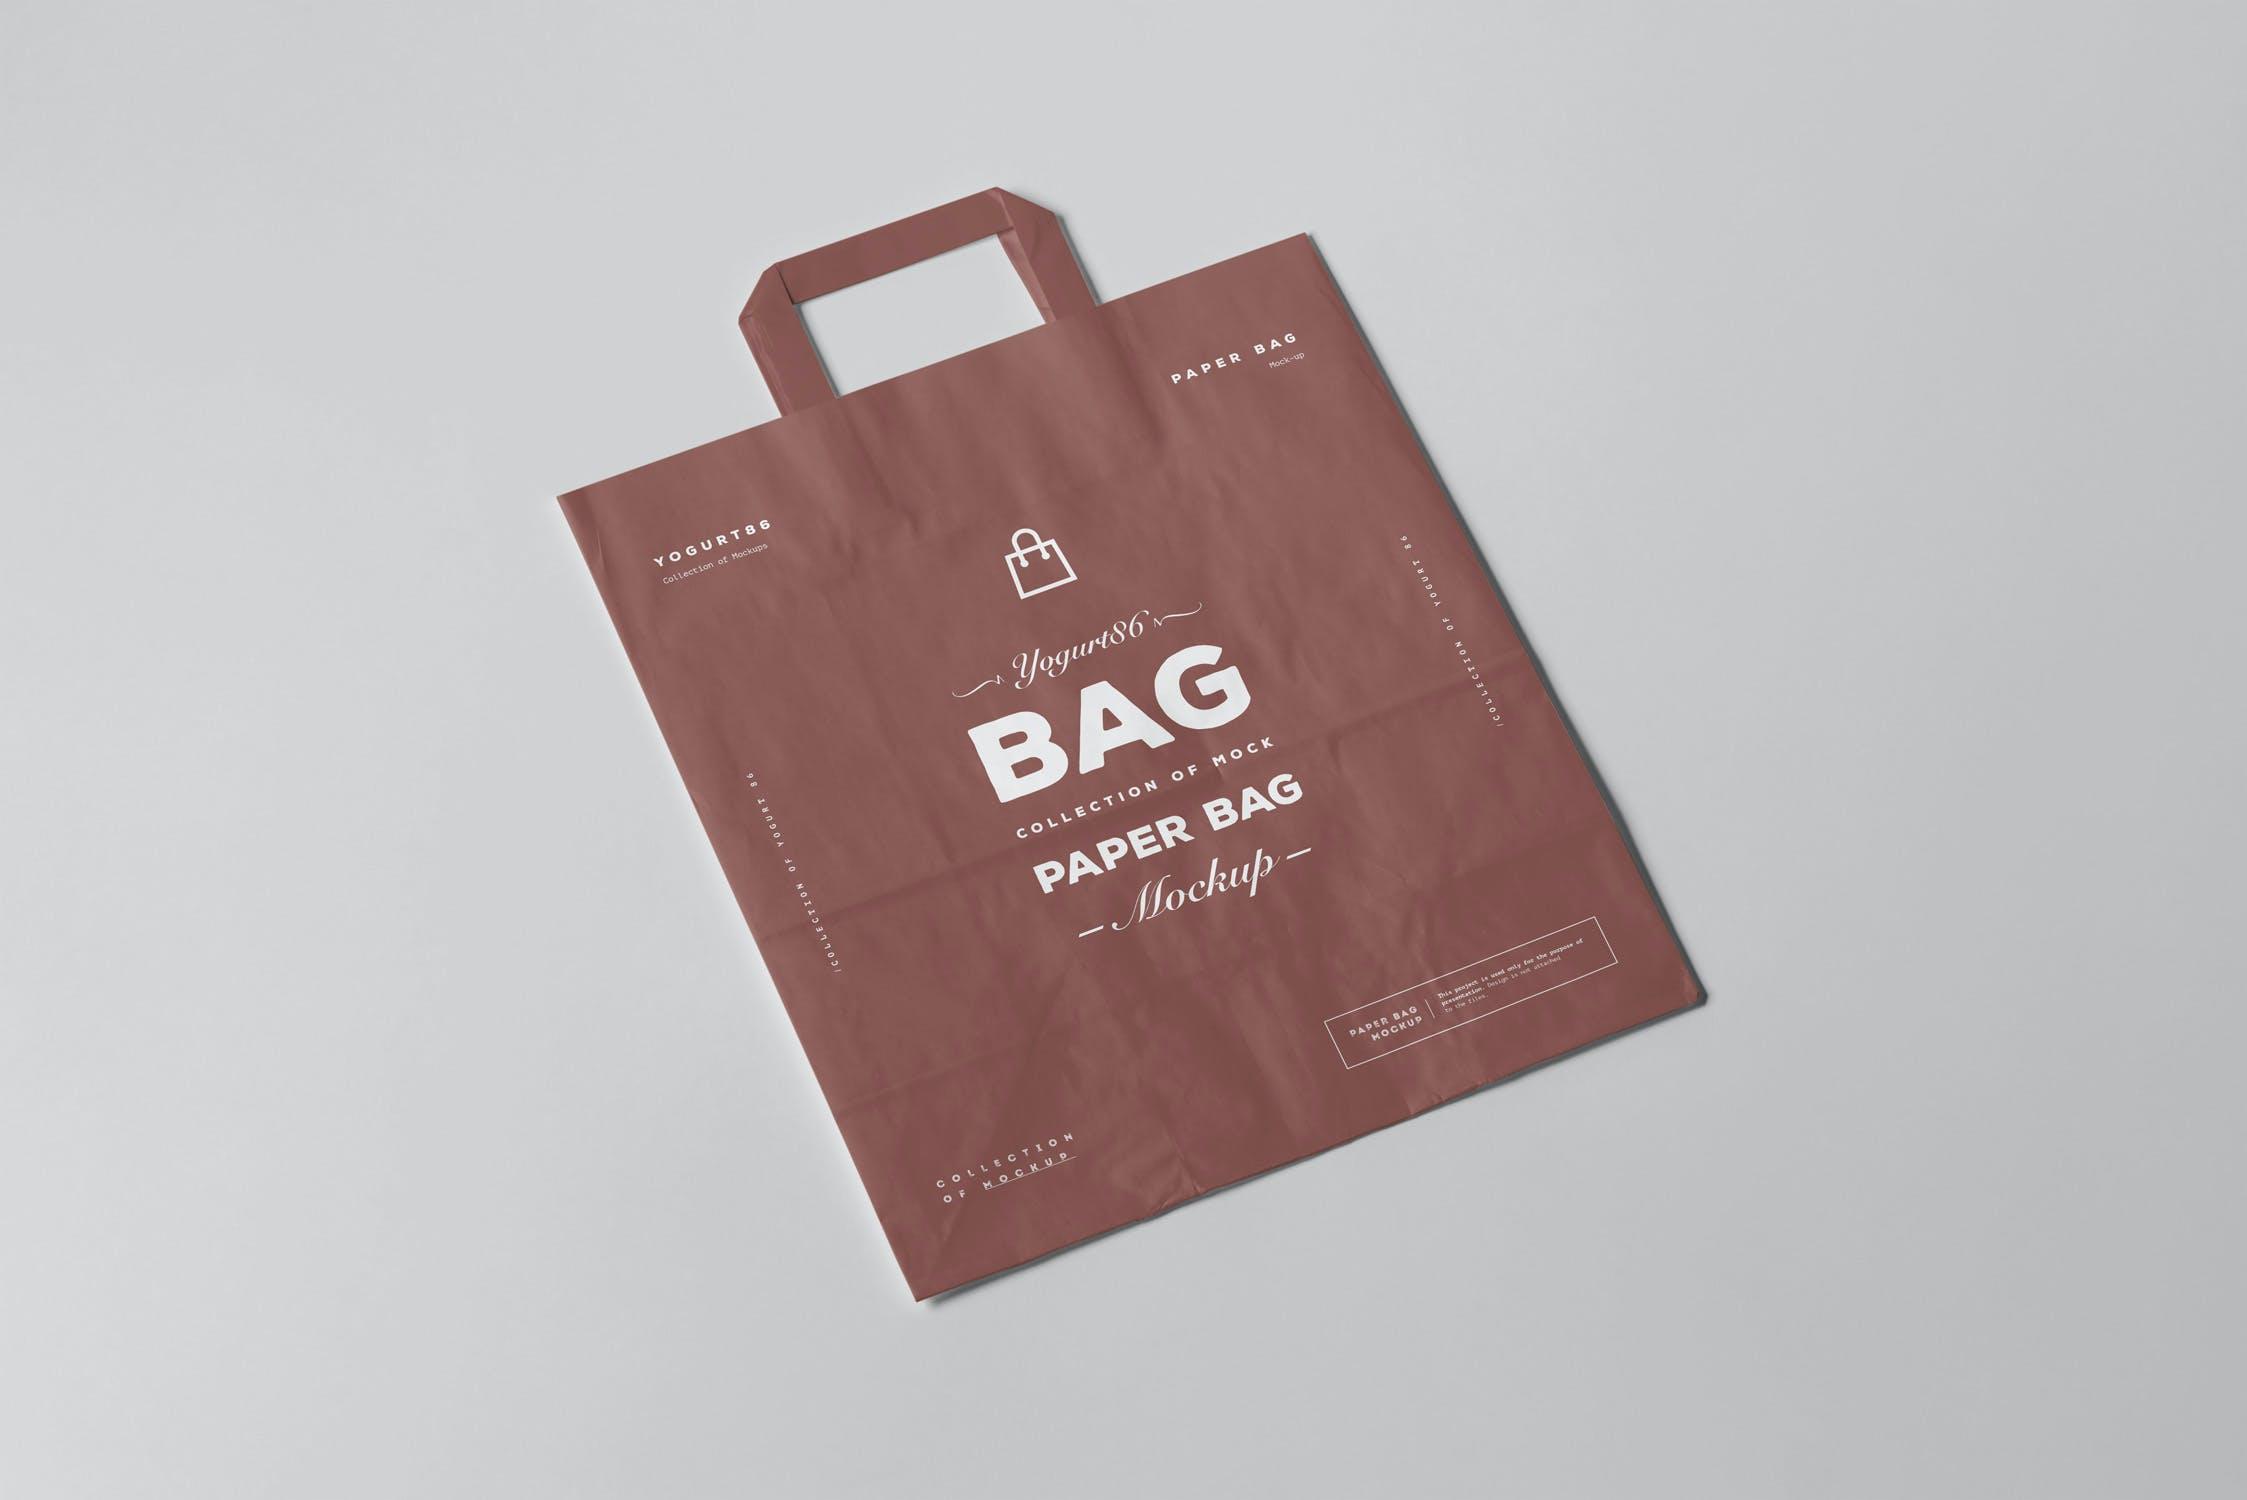 11款商城购物手提纸袋设计展示样机 Paper Bag Mockup 3插图(10)